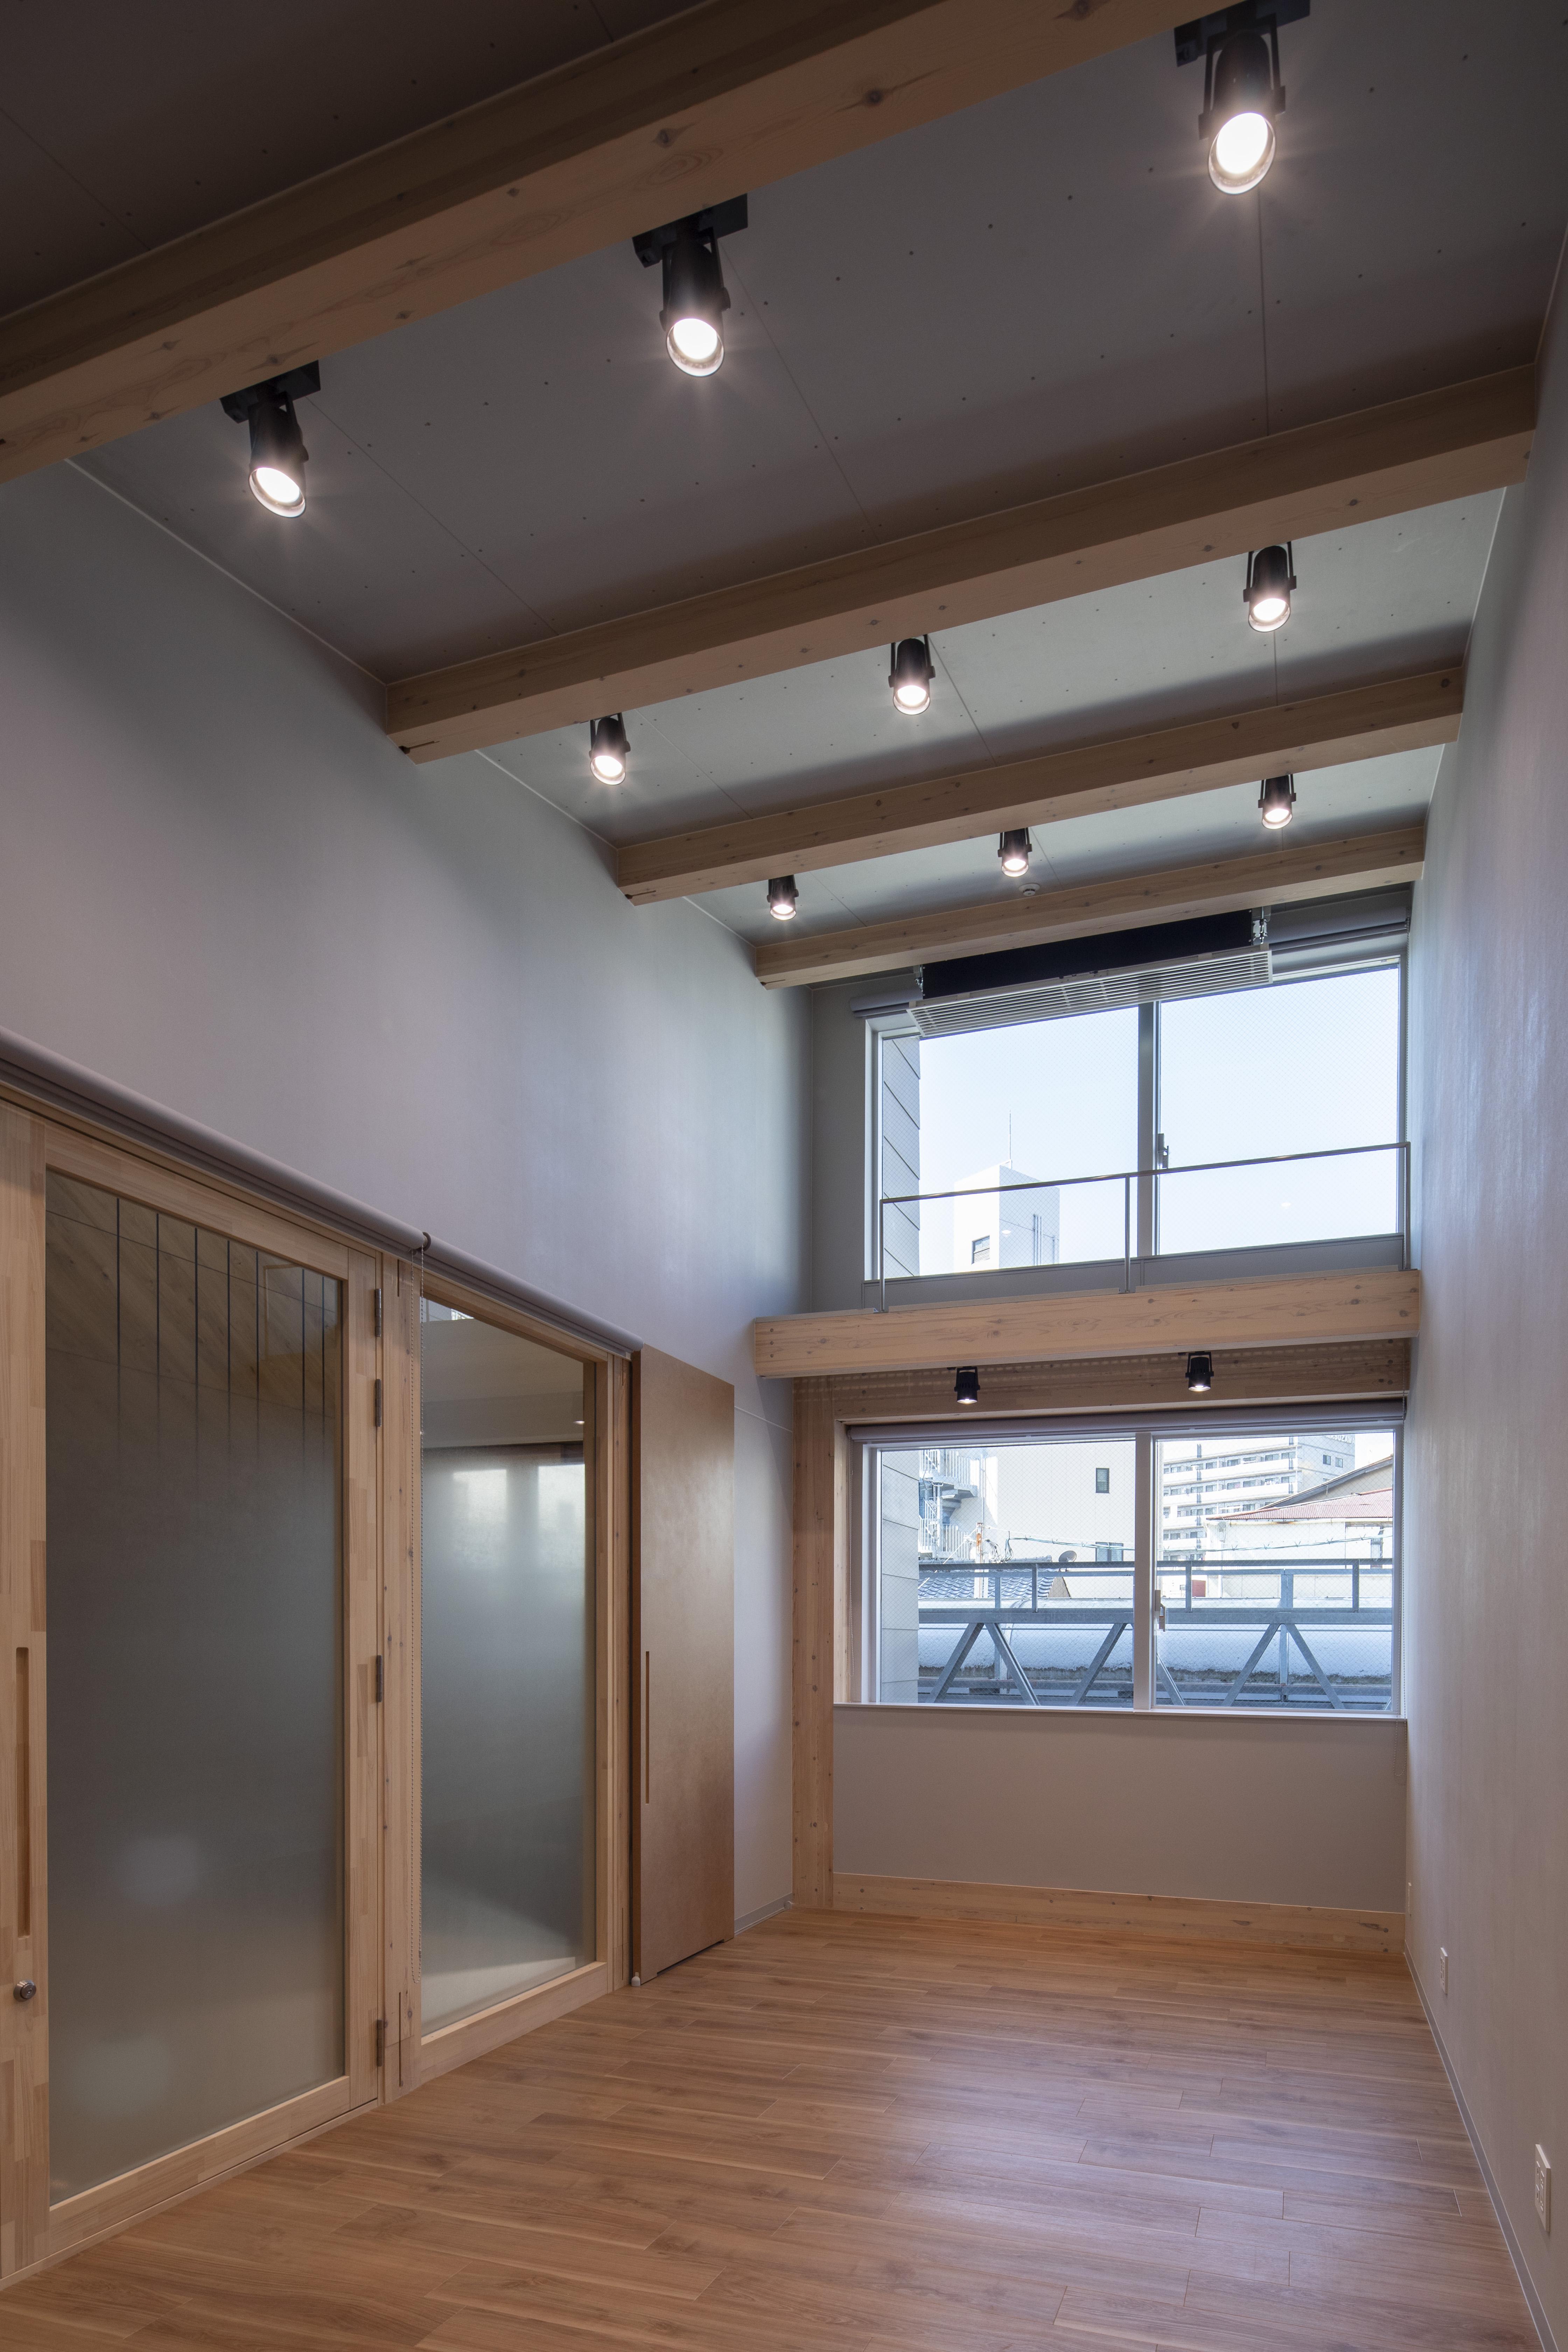 3階の事務所は東西側を跳ね上げた屋根形状に合わせた勾配天井